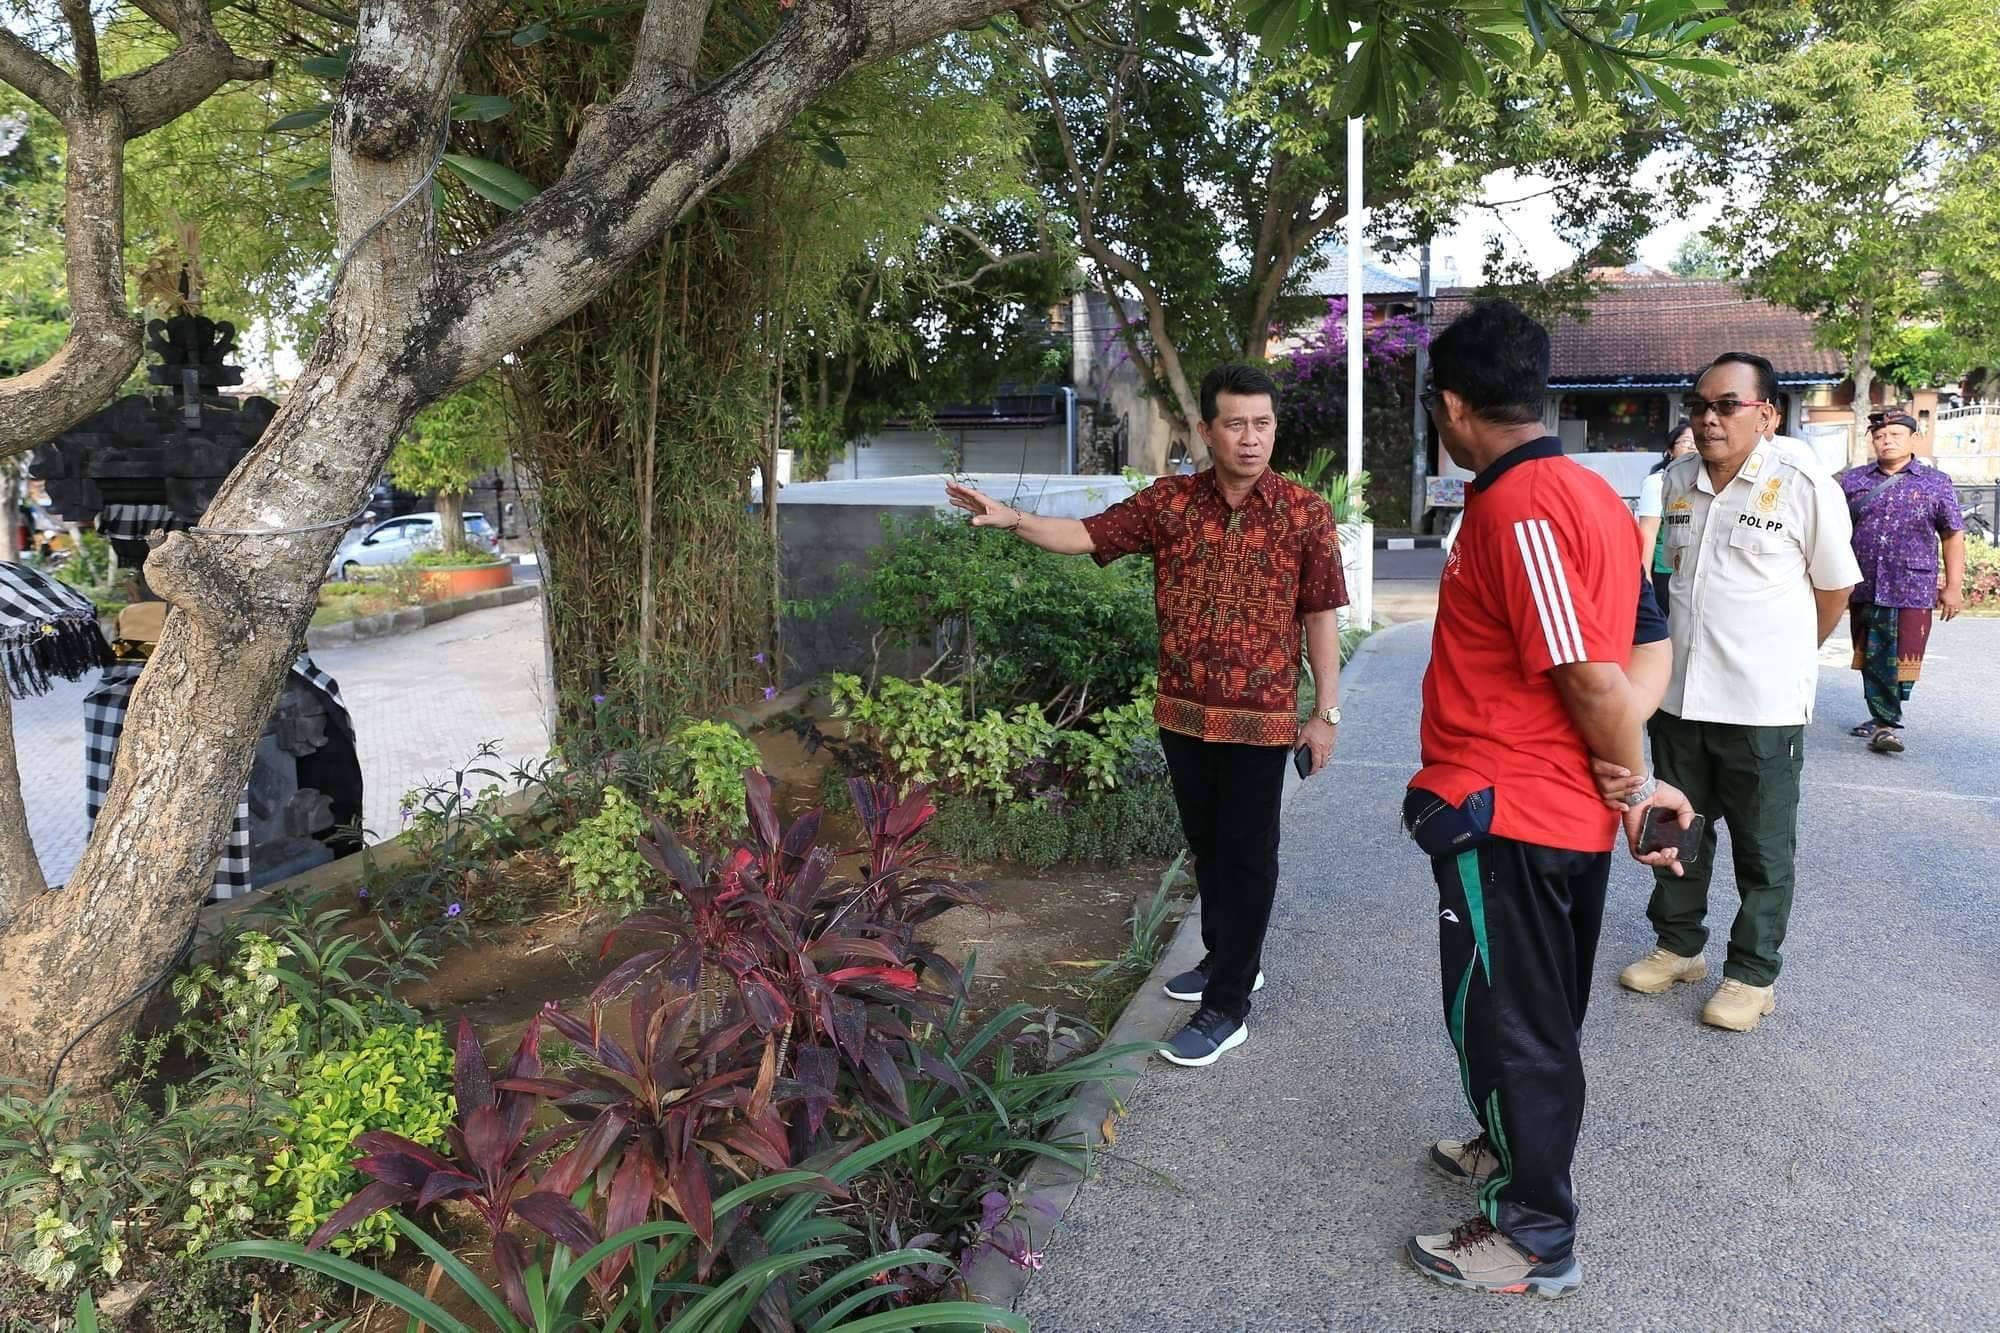 Mempercantik Kota Klungkung, Bupati Suwirta Kembali Menata Taman